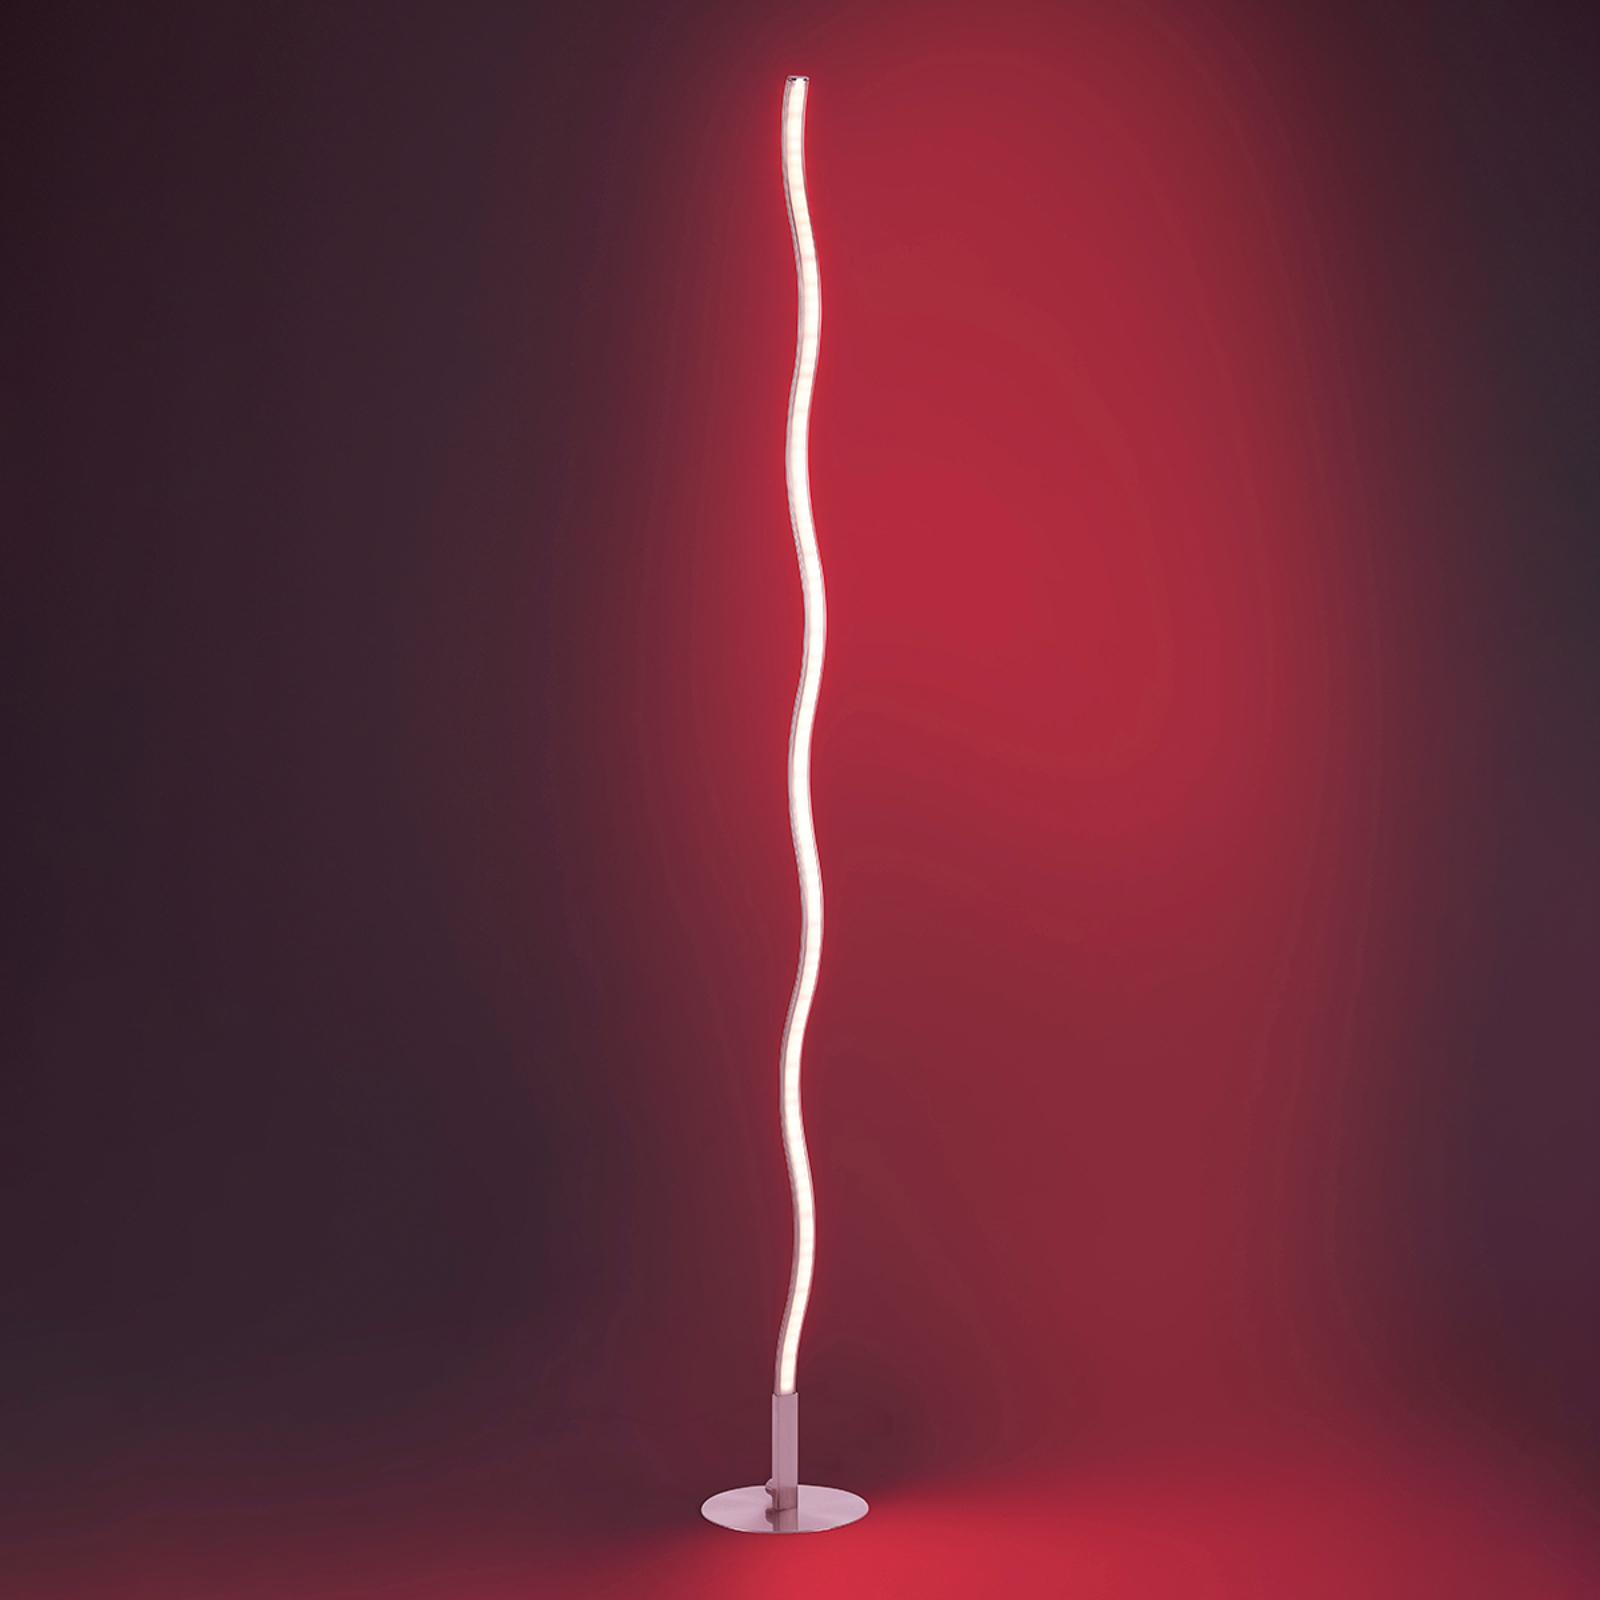 LED-lattiavalaisin Lucian kaukosäätimellä